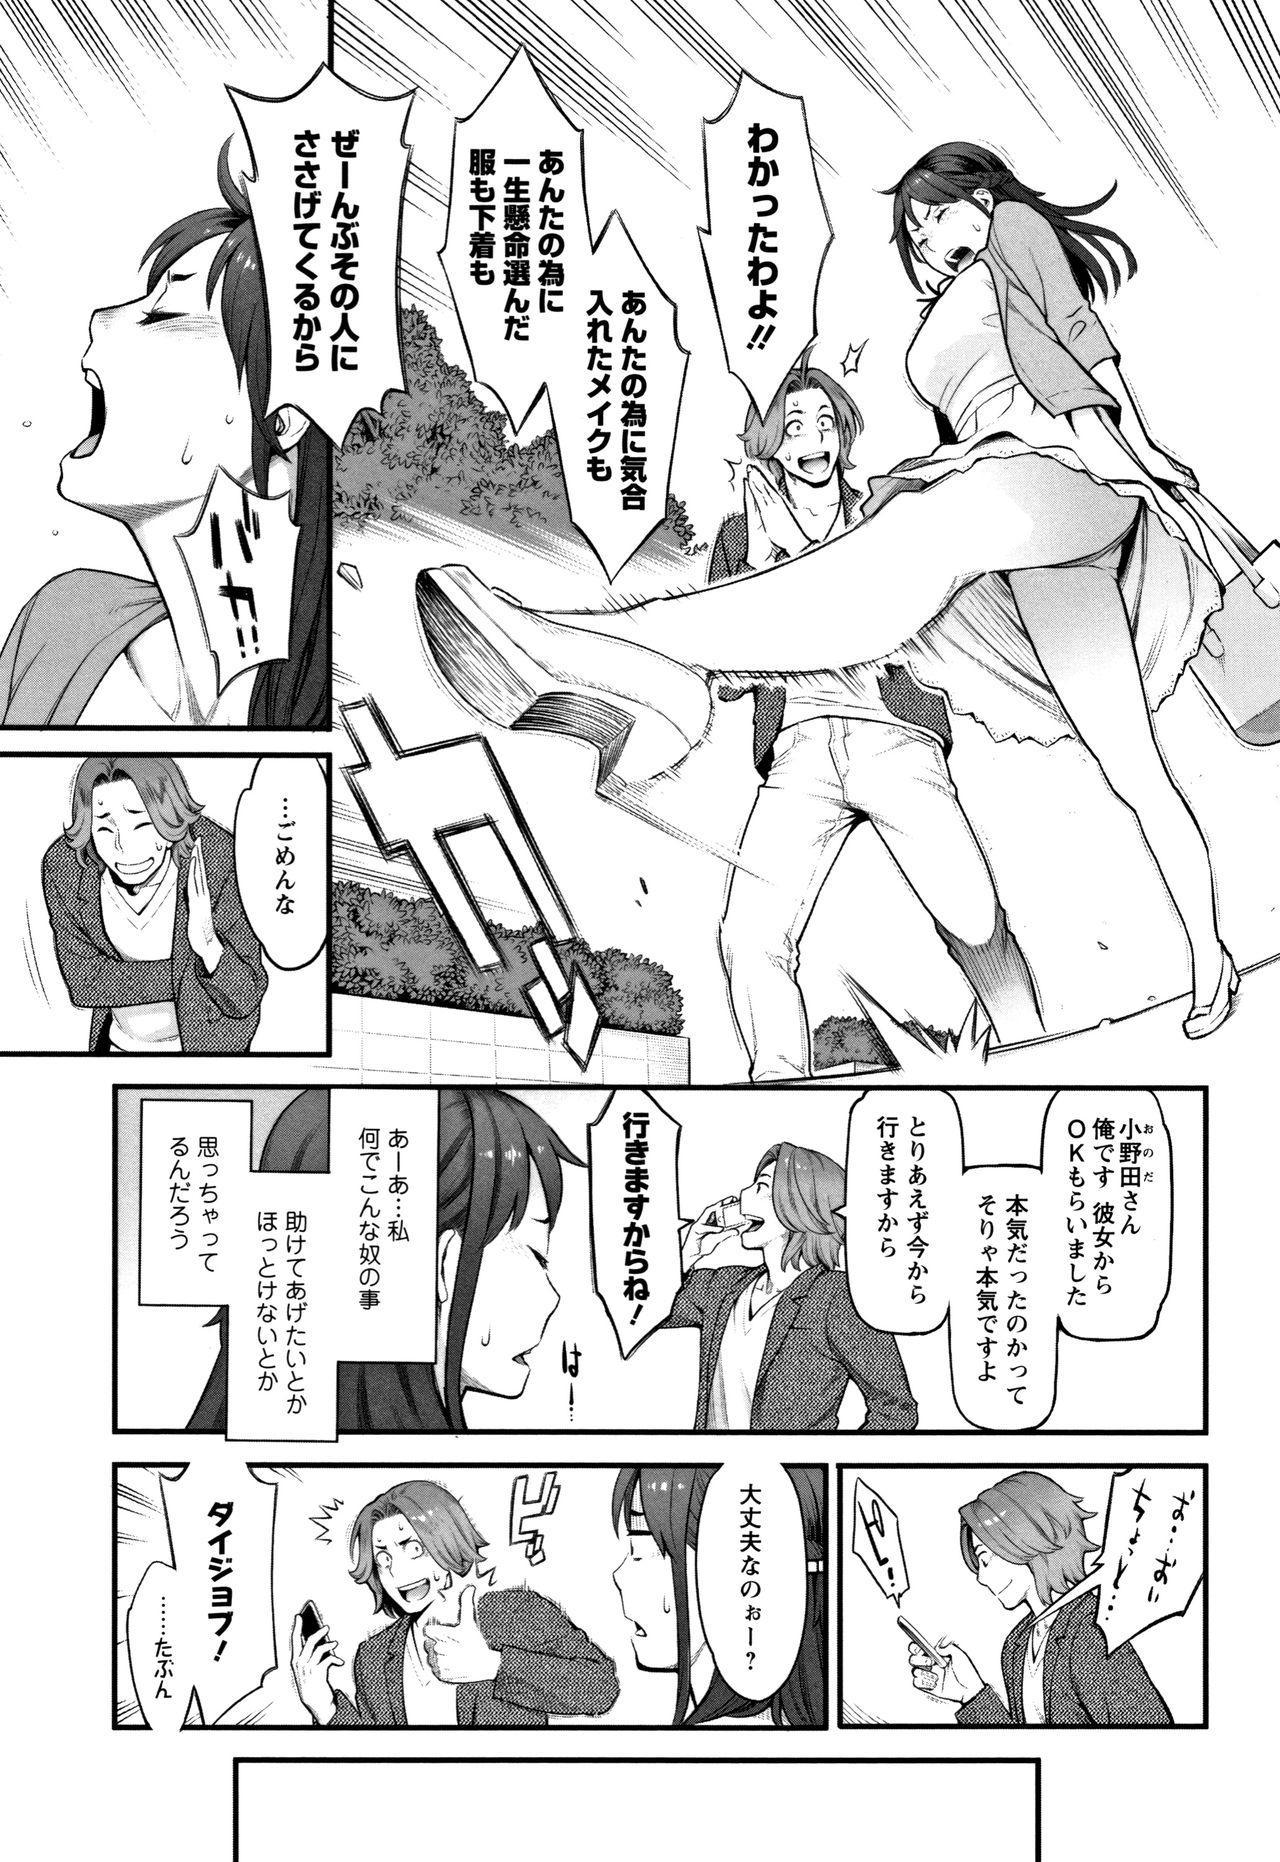 Toketa Risei wa Biyaku no Kaori 101